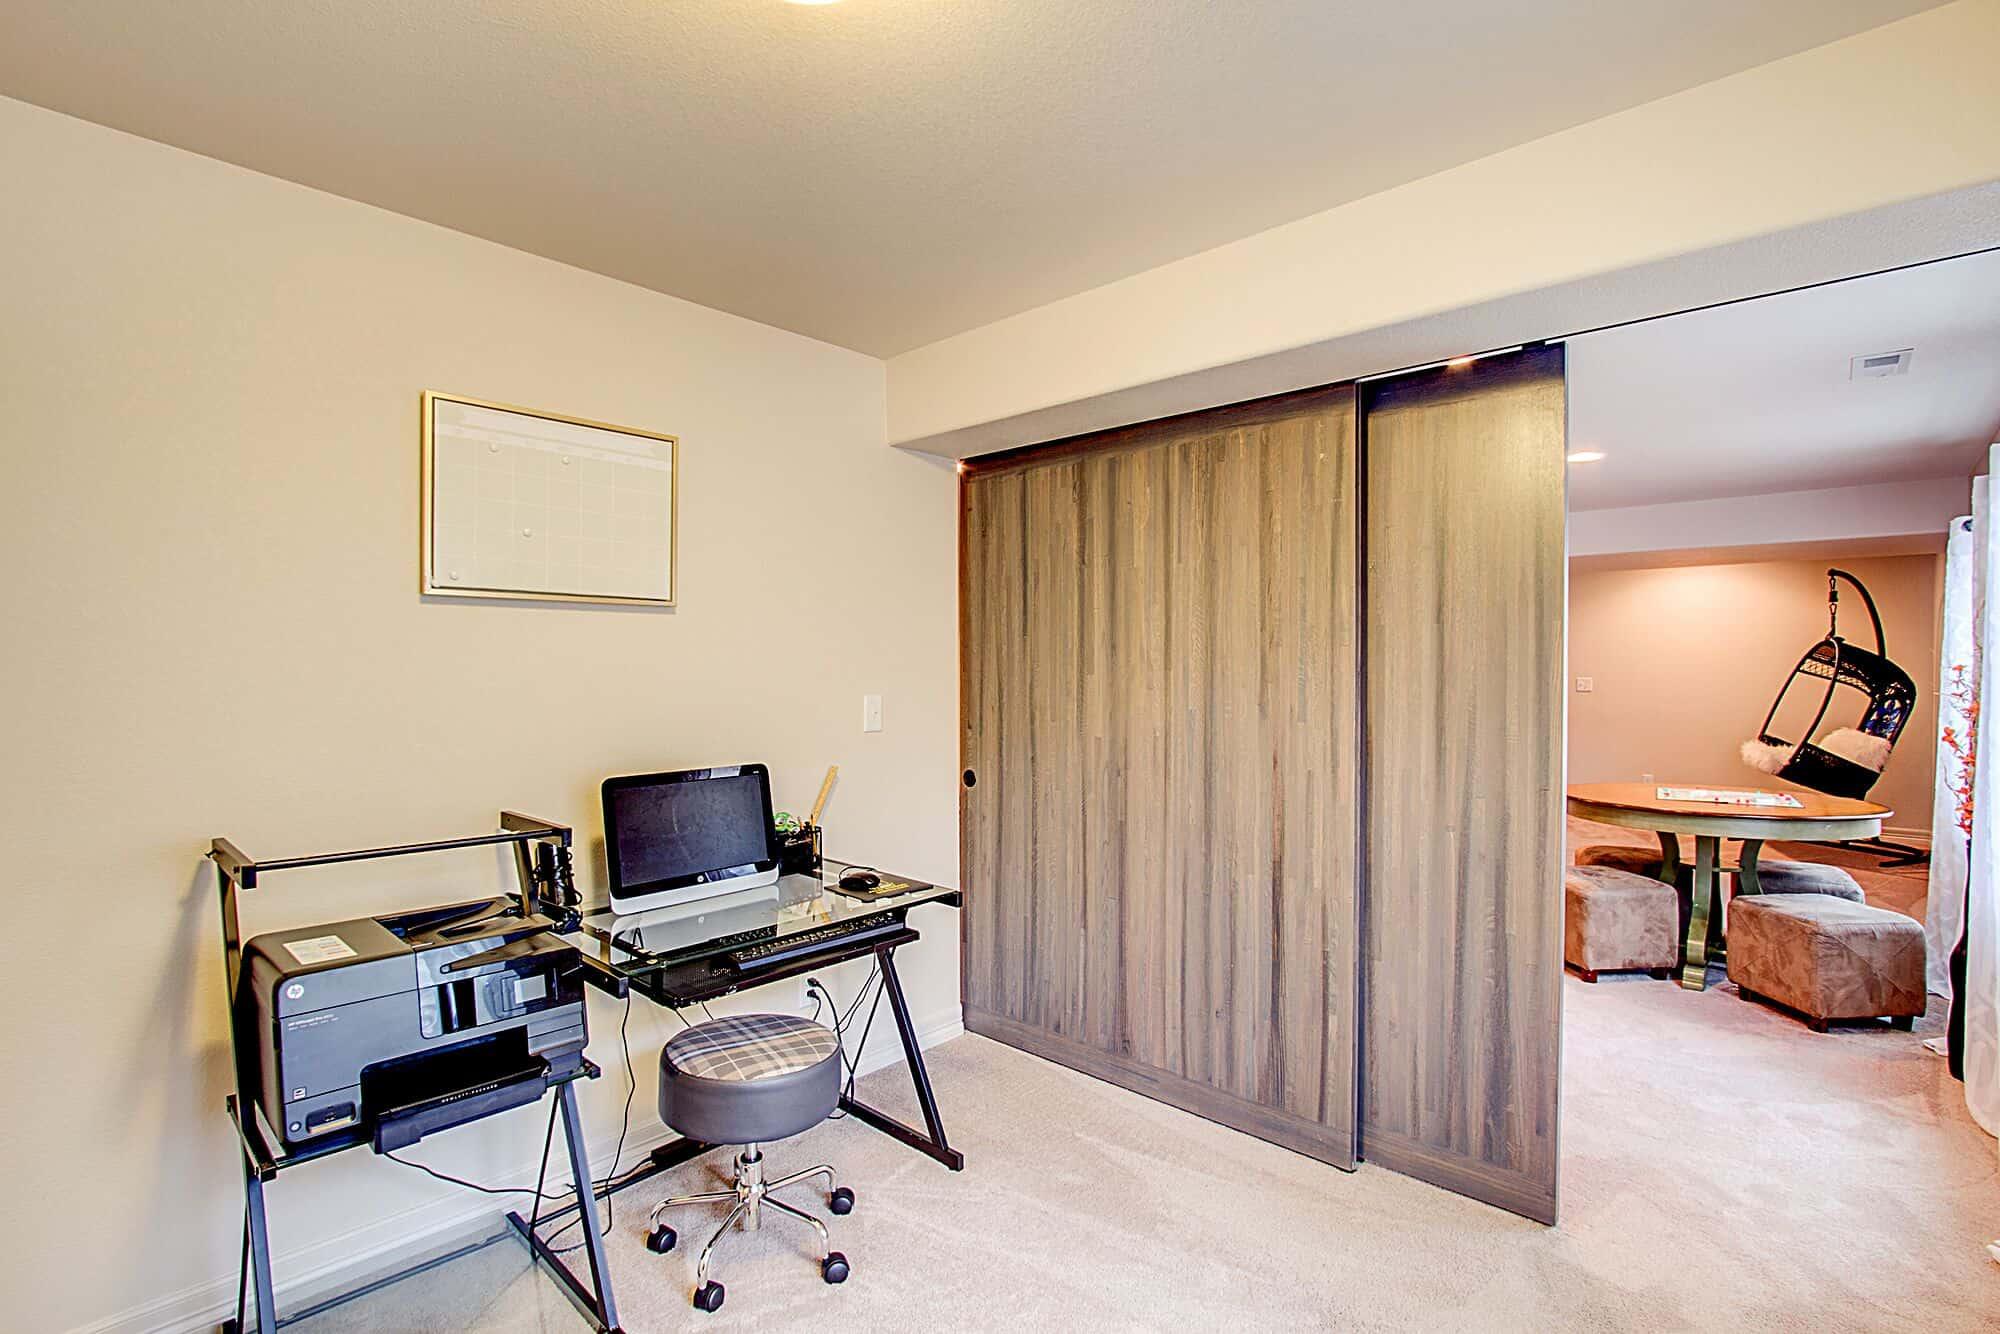 Barn Doors on Office/Flex Room